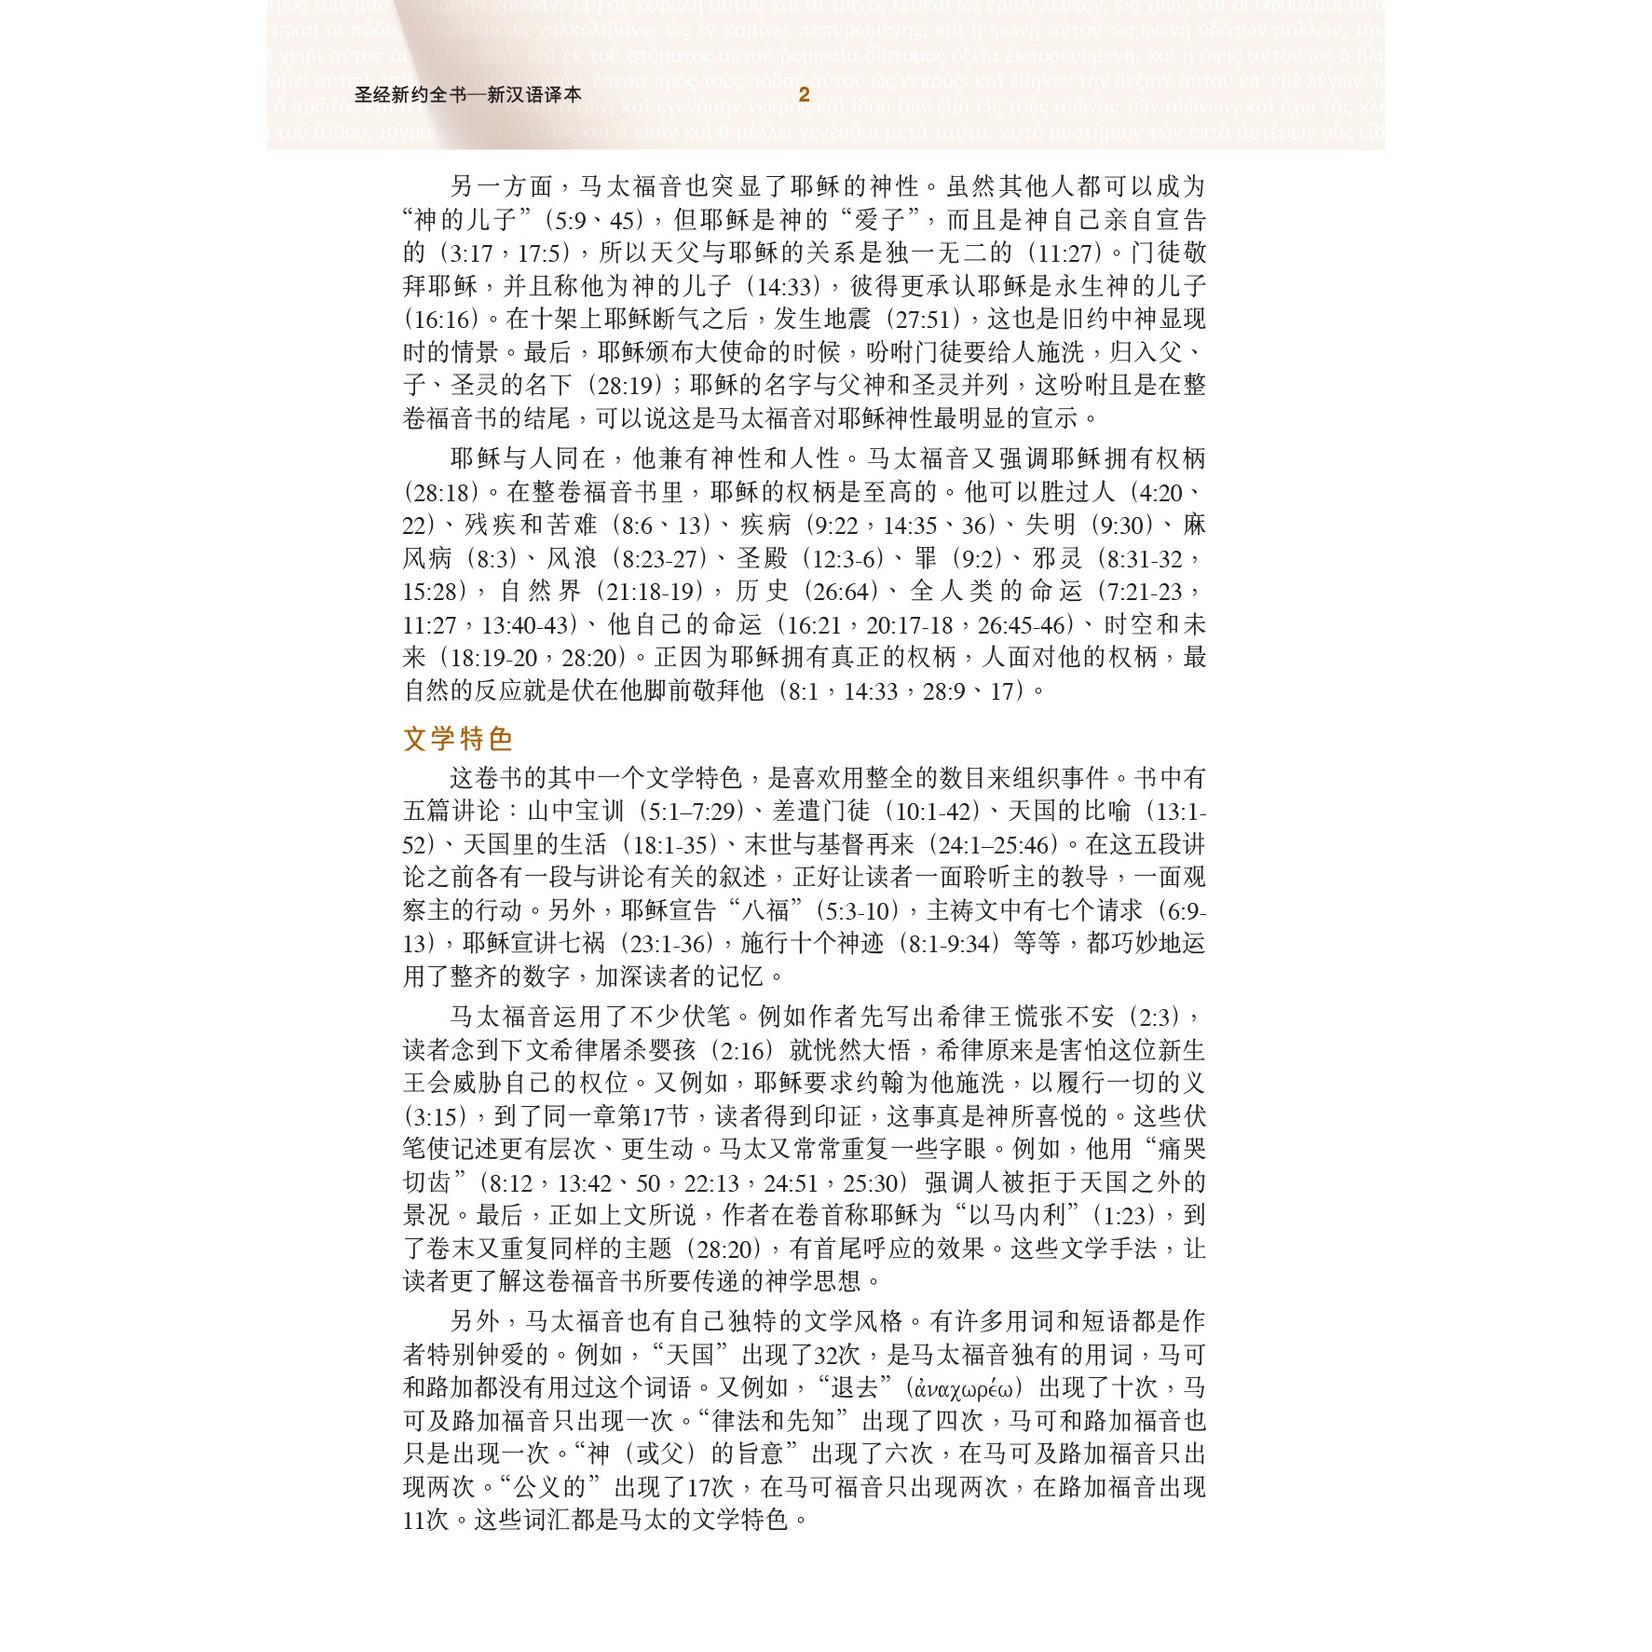 漢語聖經協會 Chinese Bible International 圣经.新汉语译本.新约全书.注释版